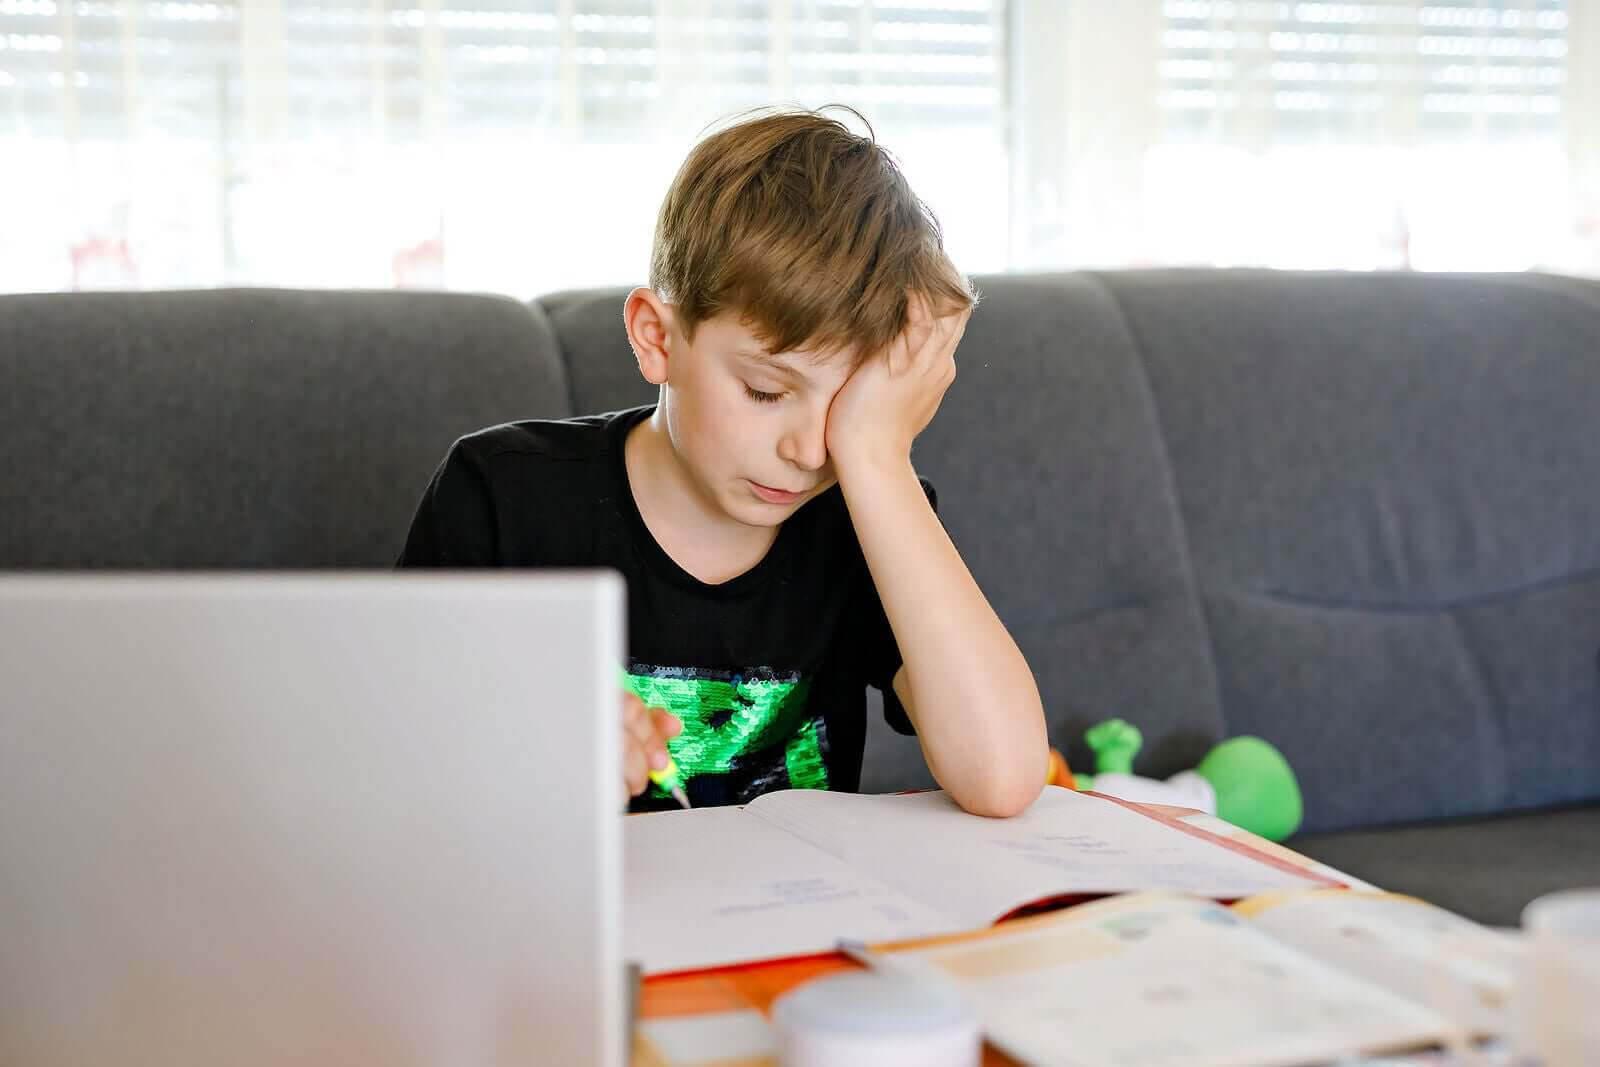 tonåring med inlärningssvårigheter gör läxor